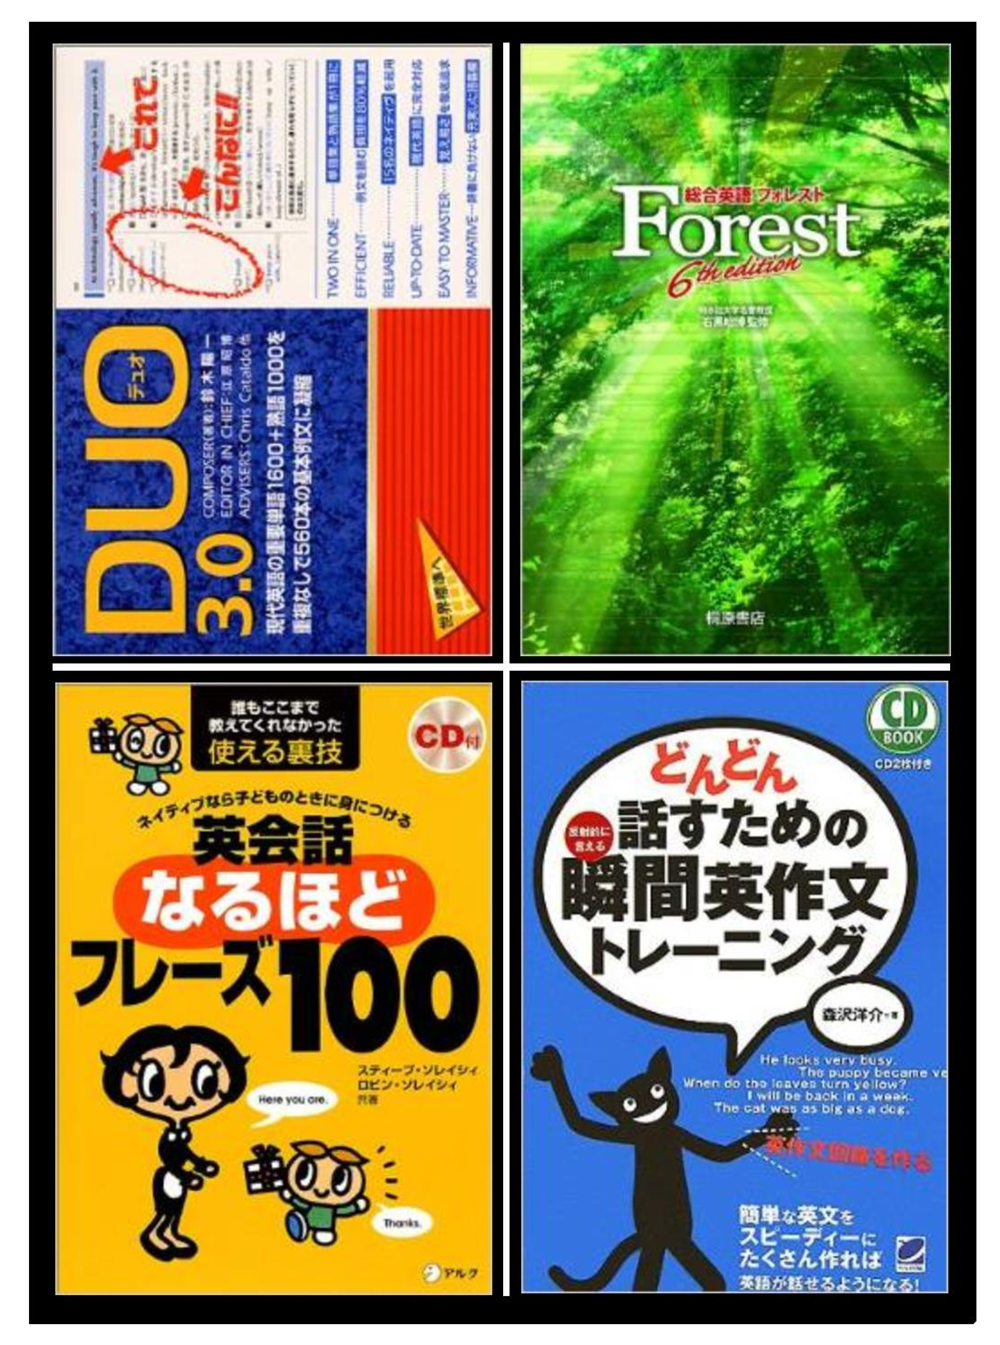 英語学習におすすめの本